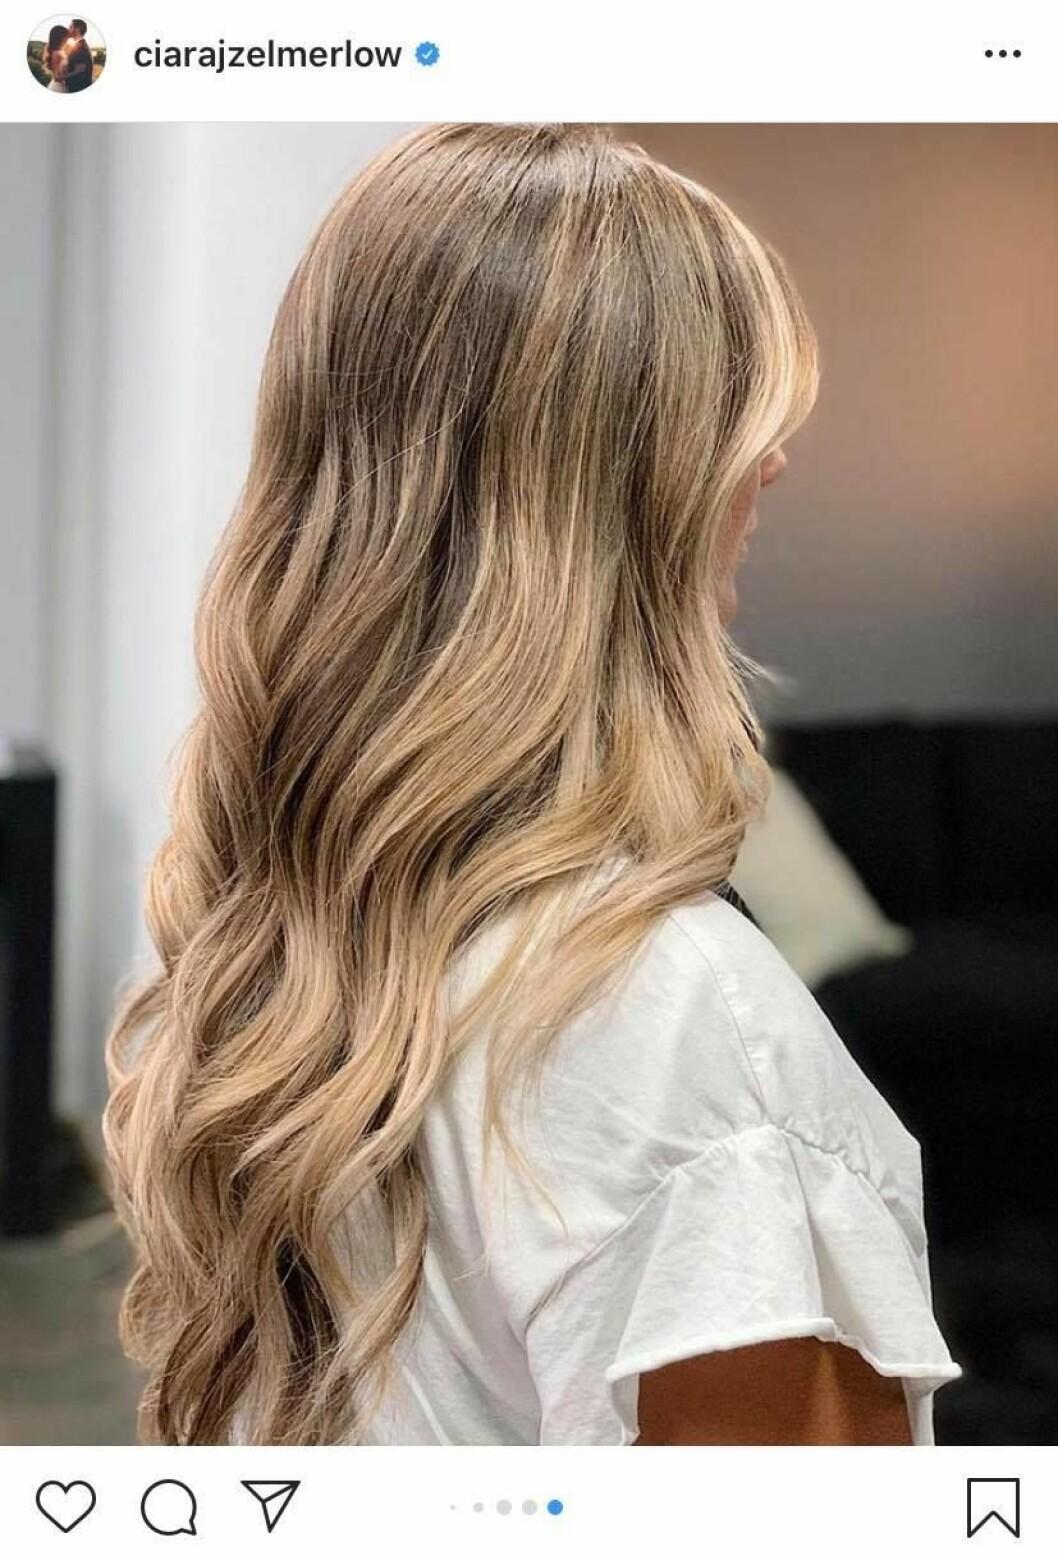 Ciara Zelmerlöw förvandling, färgat håret